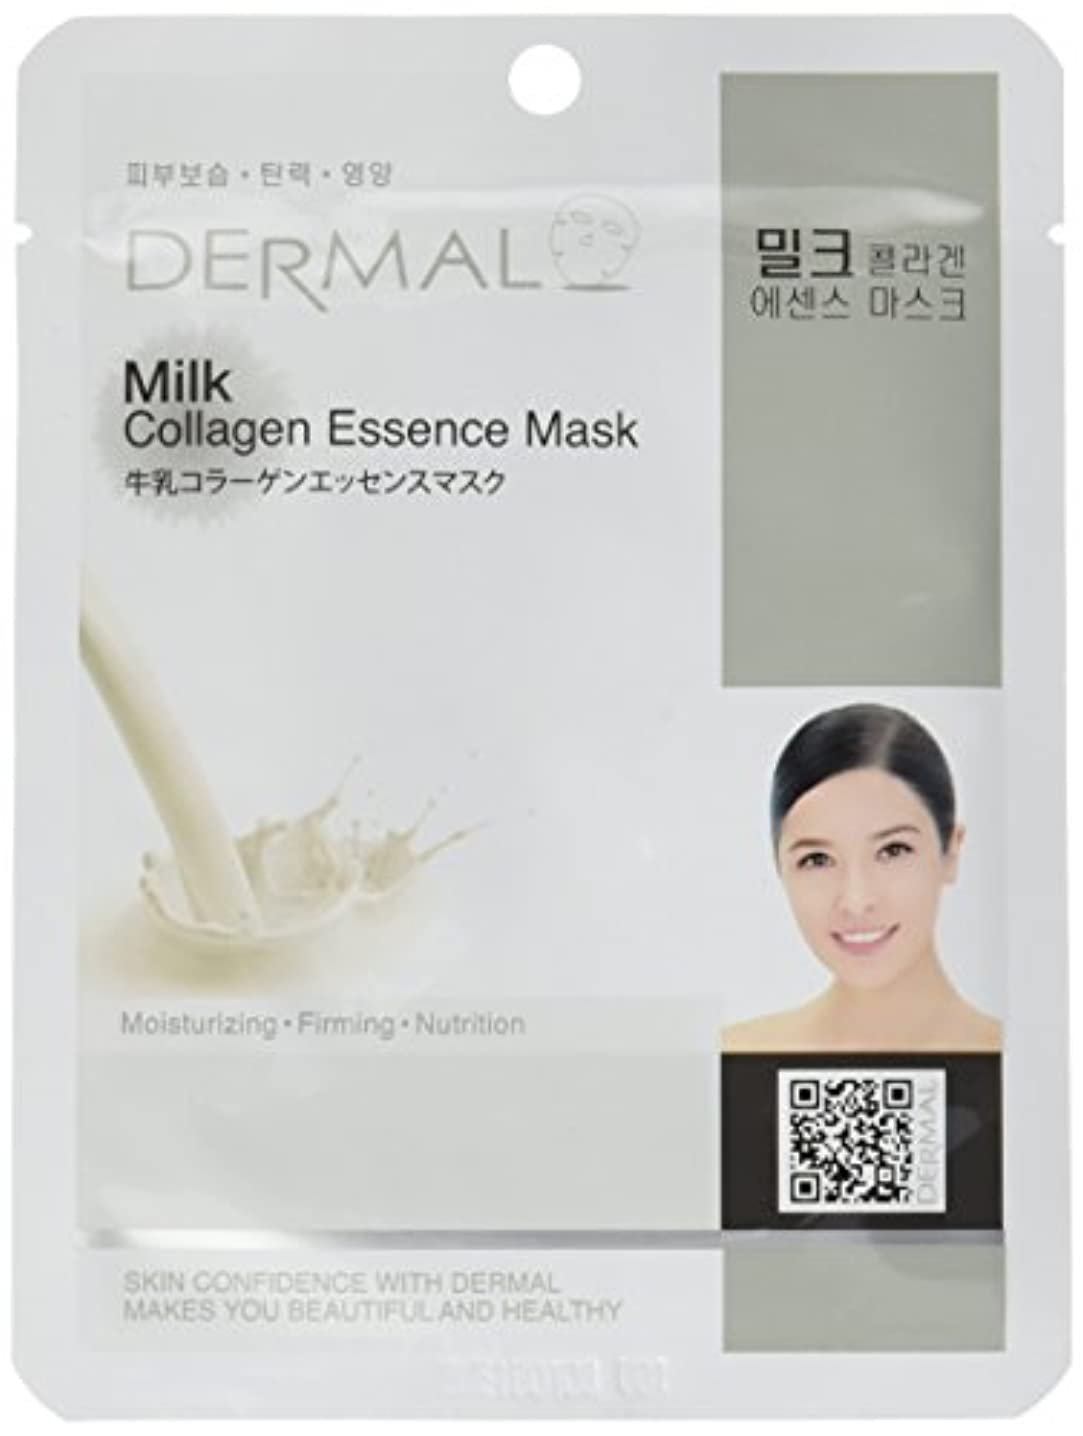 夫婦ビルダー香ばしいシートマスク DERMAL(ダーマル) お任せ 30種類 30枚セット No.1